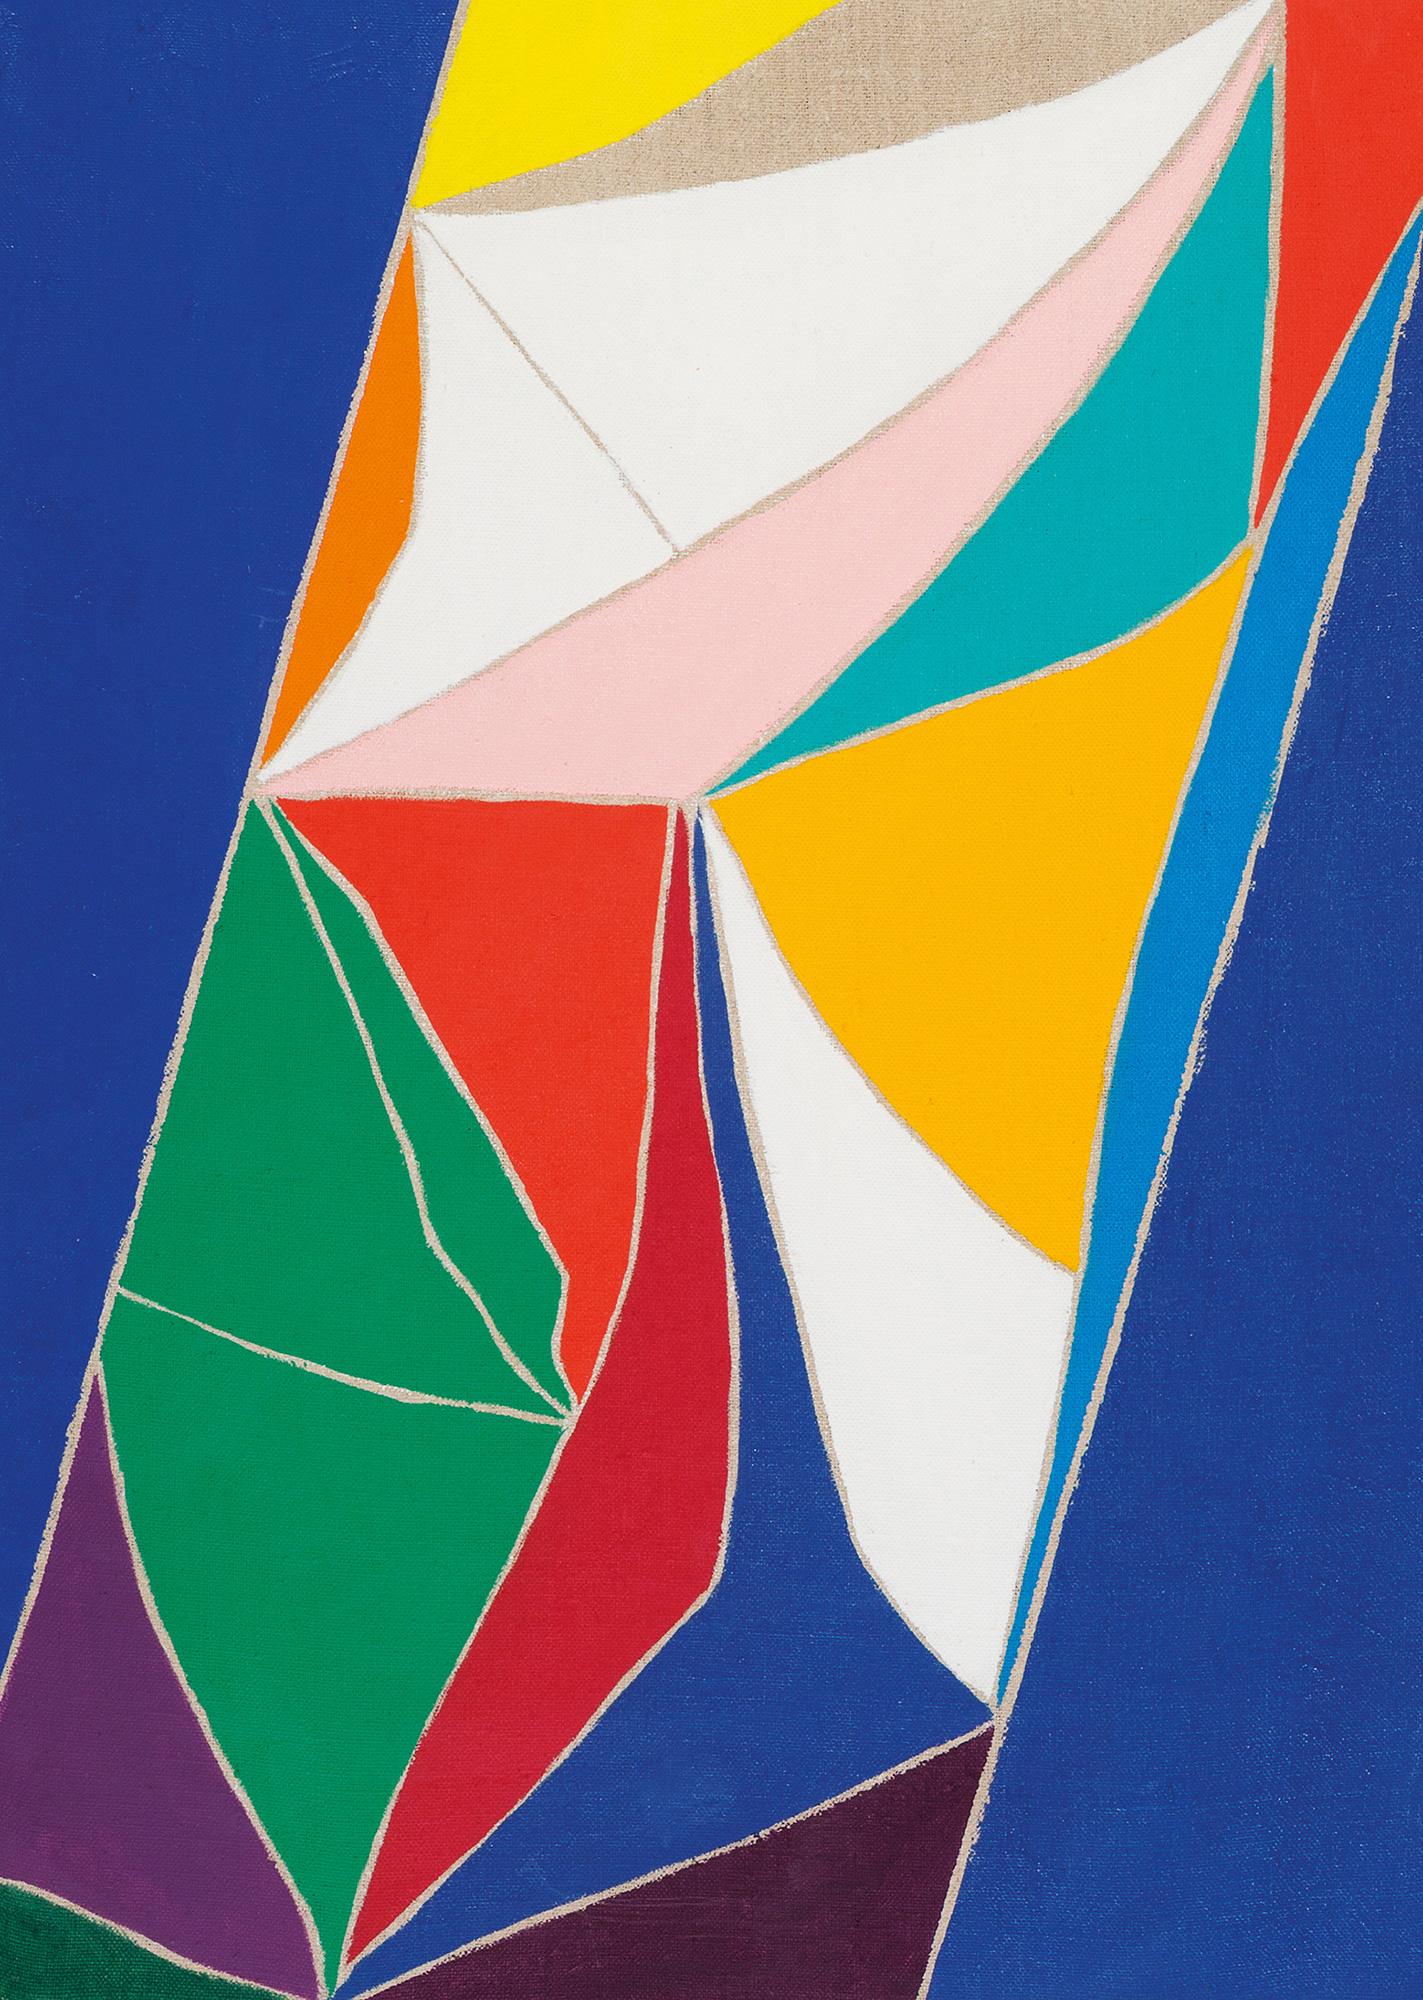 Mirino II, 1973